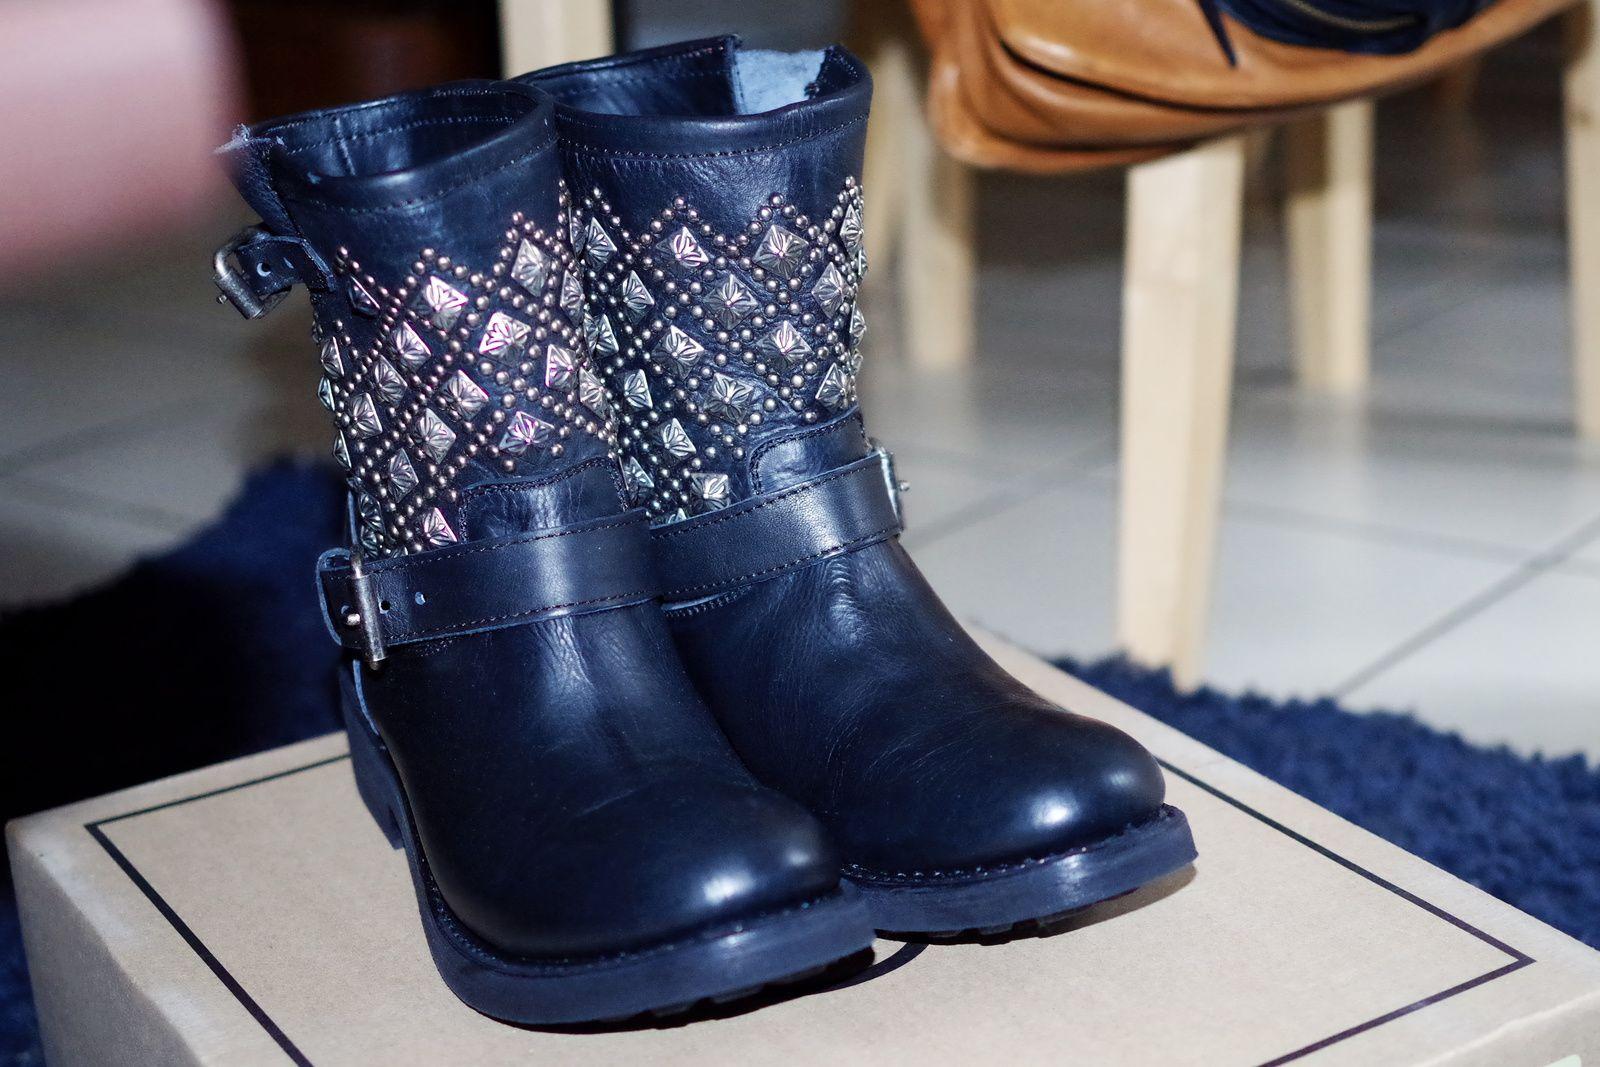 Boots Tsar Ash -50% soit 192€50 au lieu de 385€ sur Sarenza.com